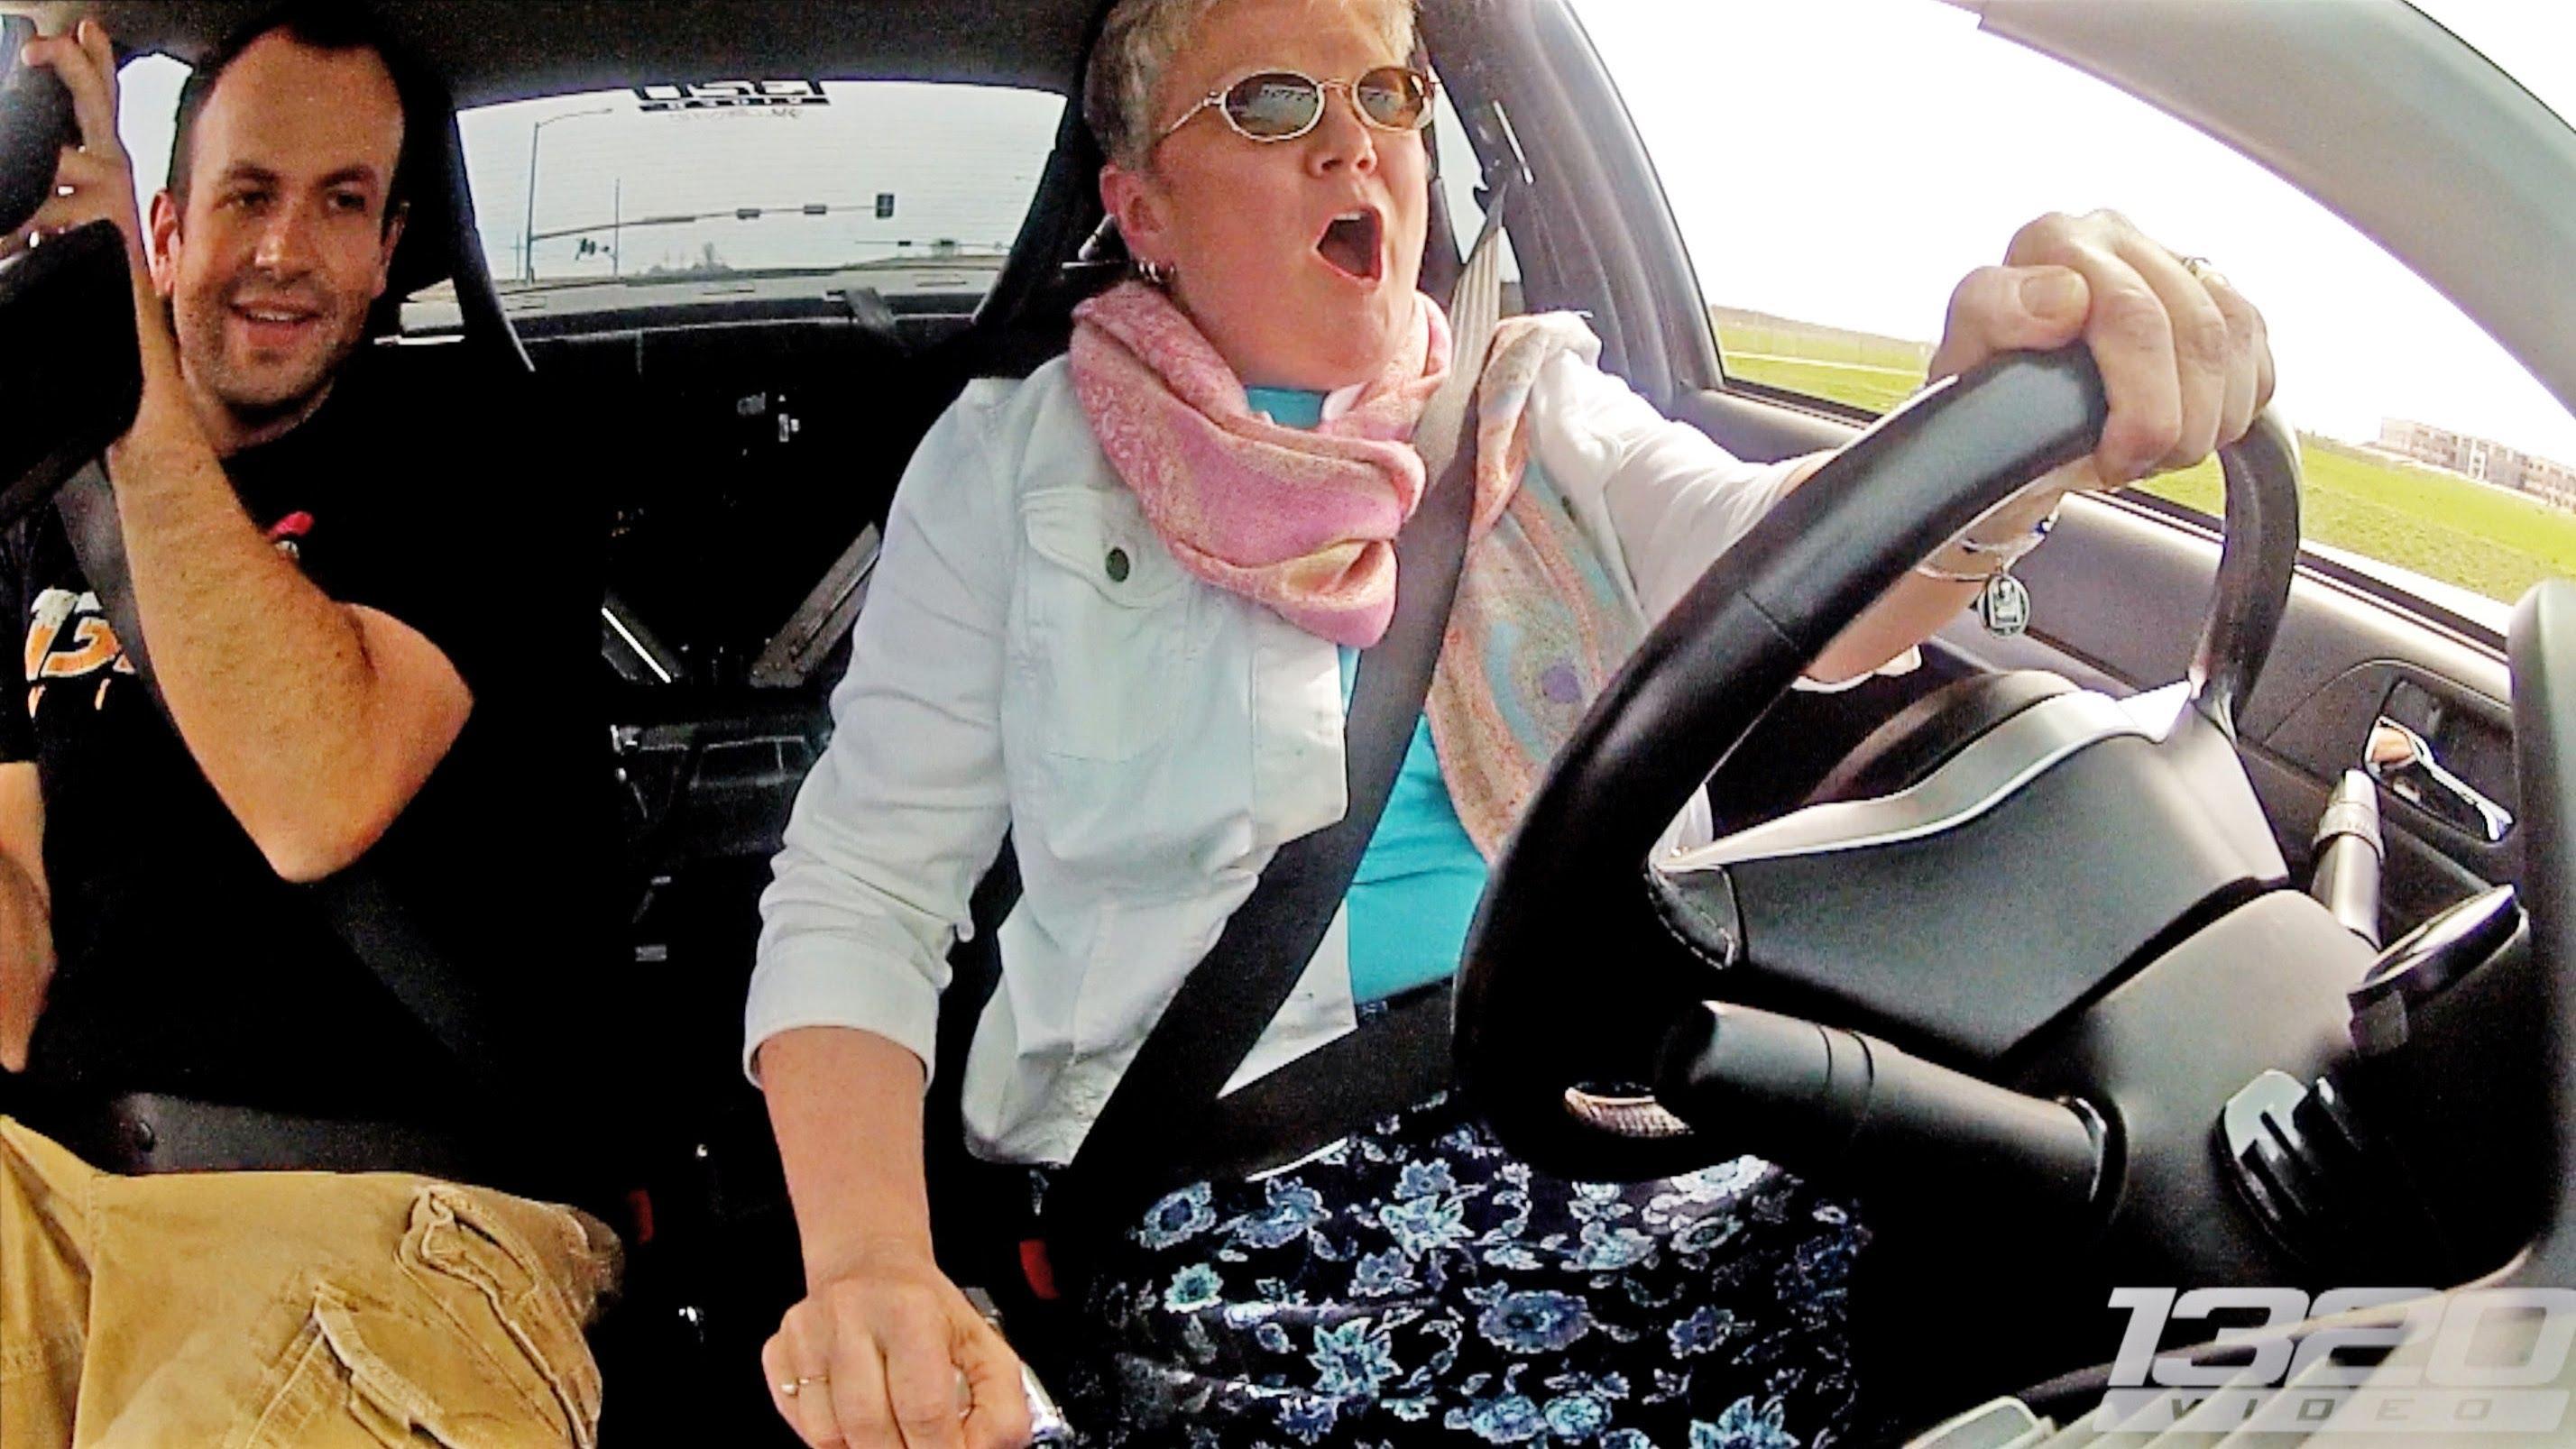 Mãe conduz carro com 900 cavalos ao lado do filho